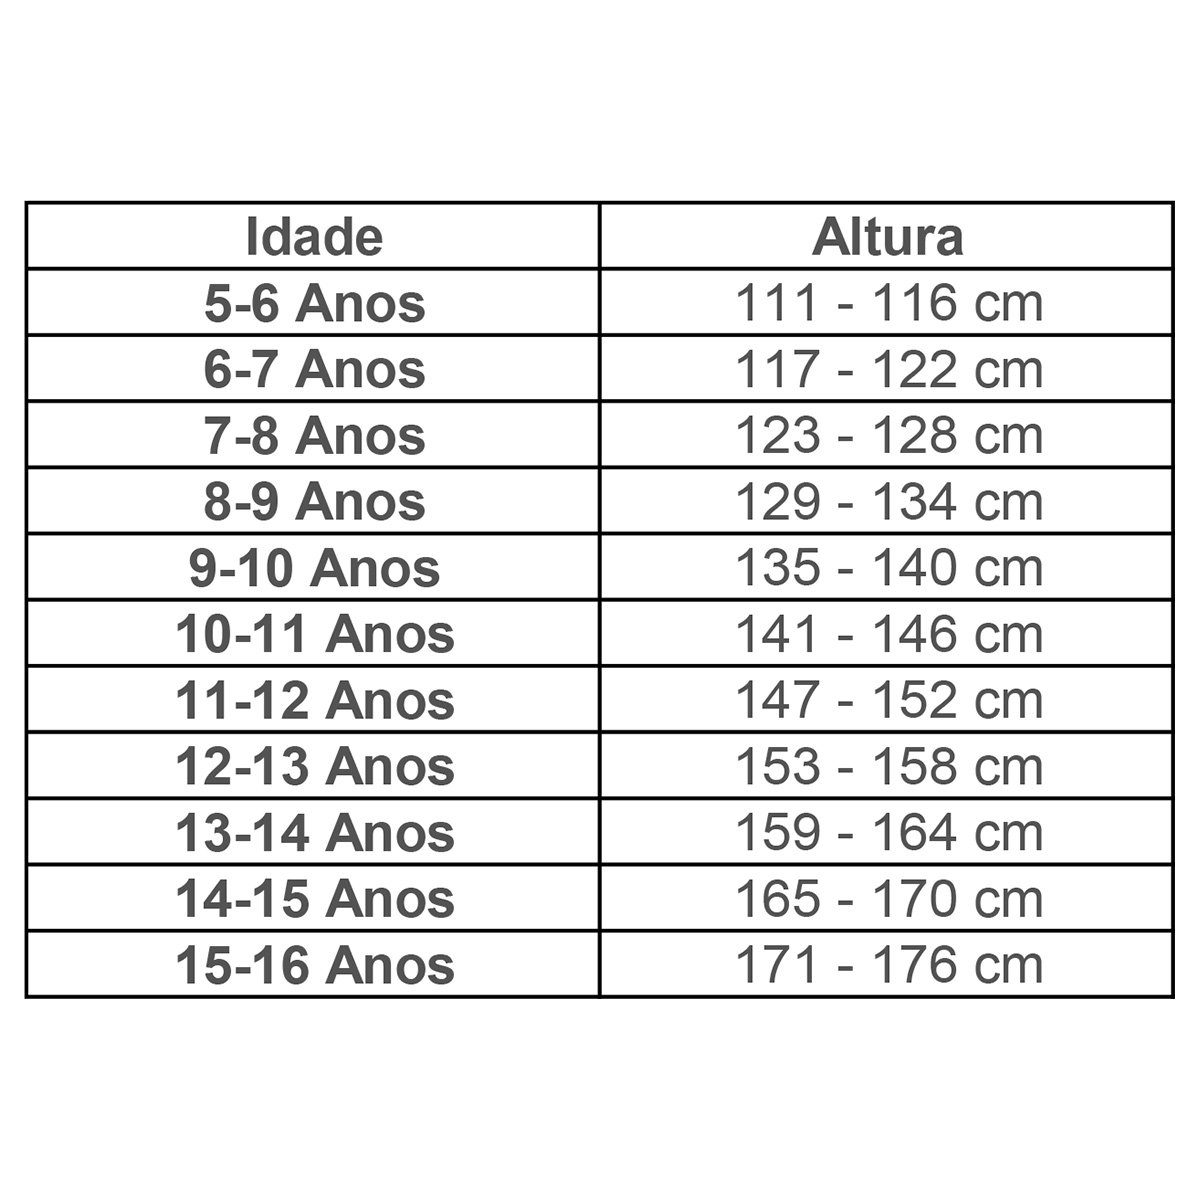 Infantil nº Sport Vermelho Camisa e 18 17 Recife Preto Torcedor Adidas s I EAwxxdq0U